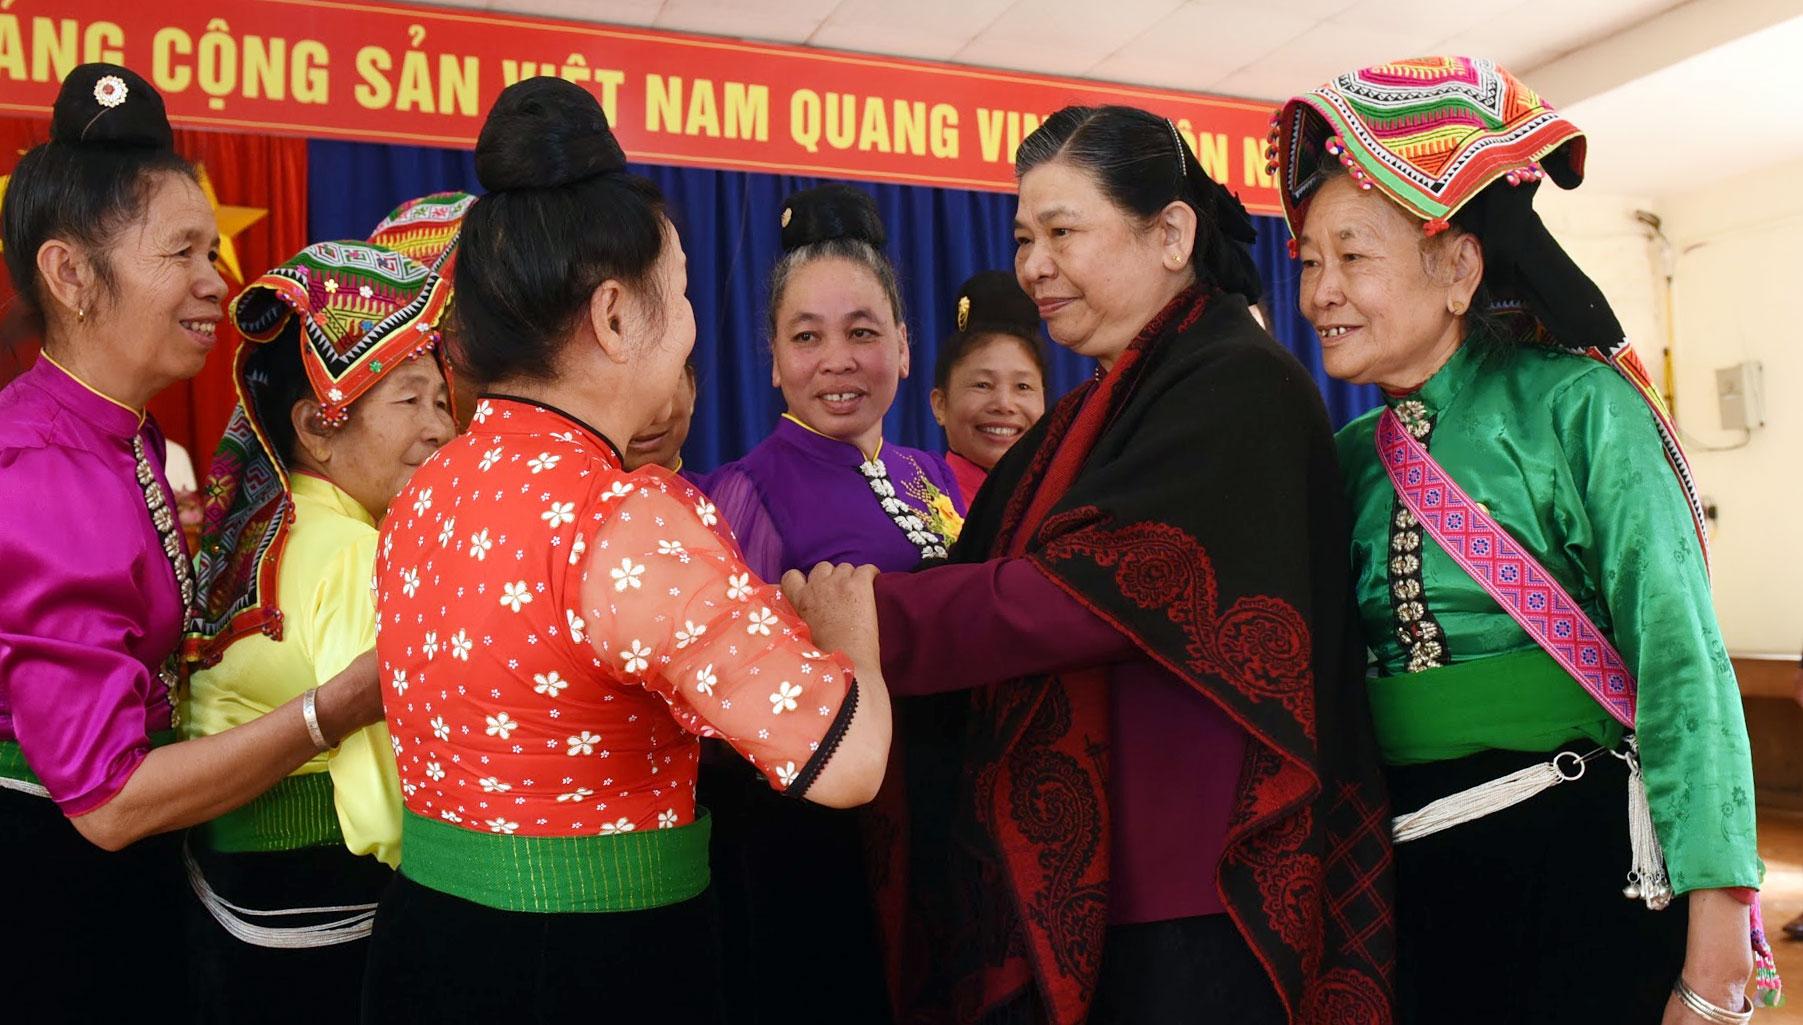 Phó Chủ tịch Thường trực Quốc hội Tòng Thị Phóng với người dân bản Phứa Cón, phường Chiềng An, Thành phố Sơn La